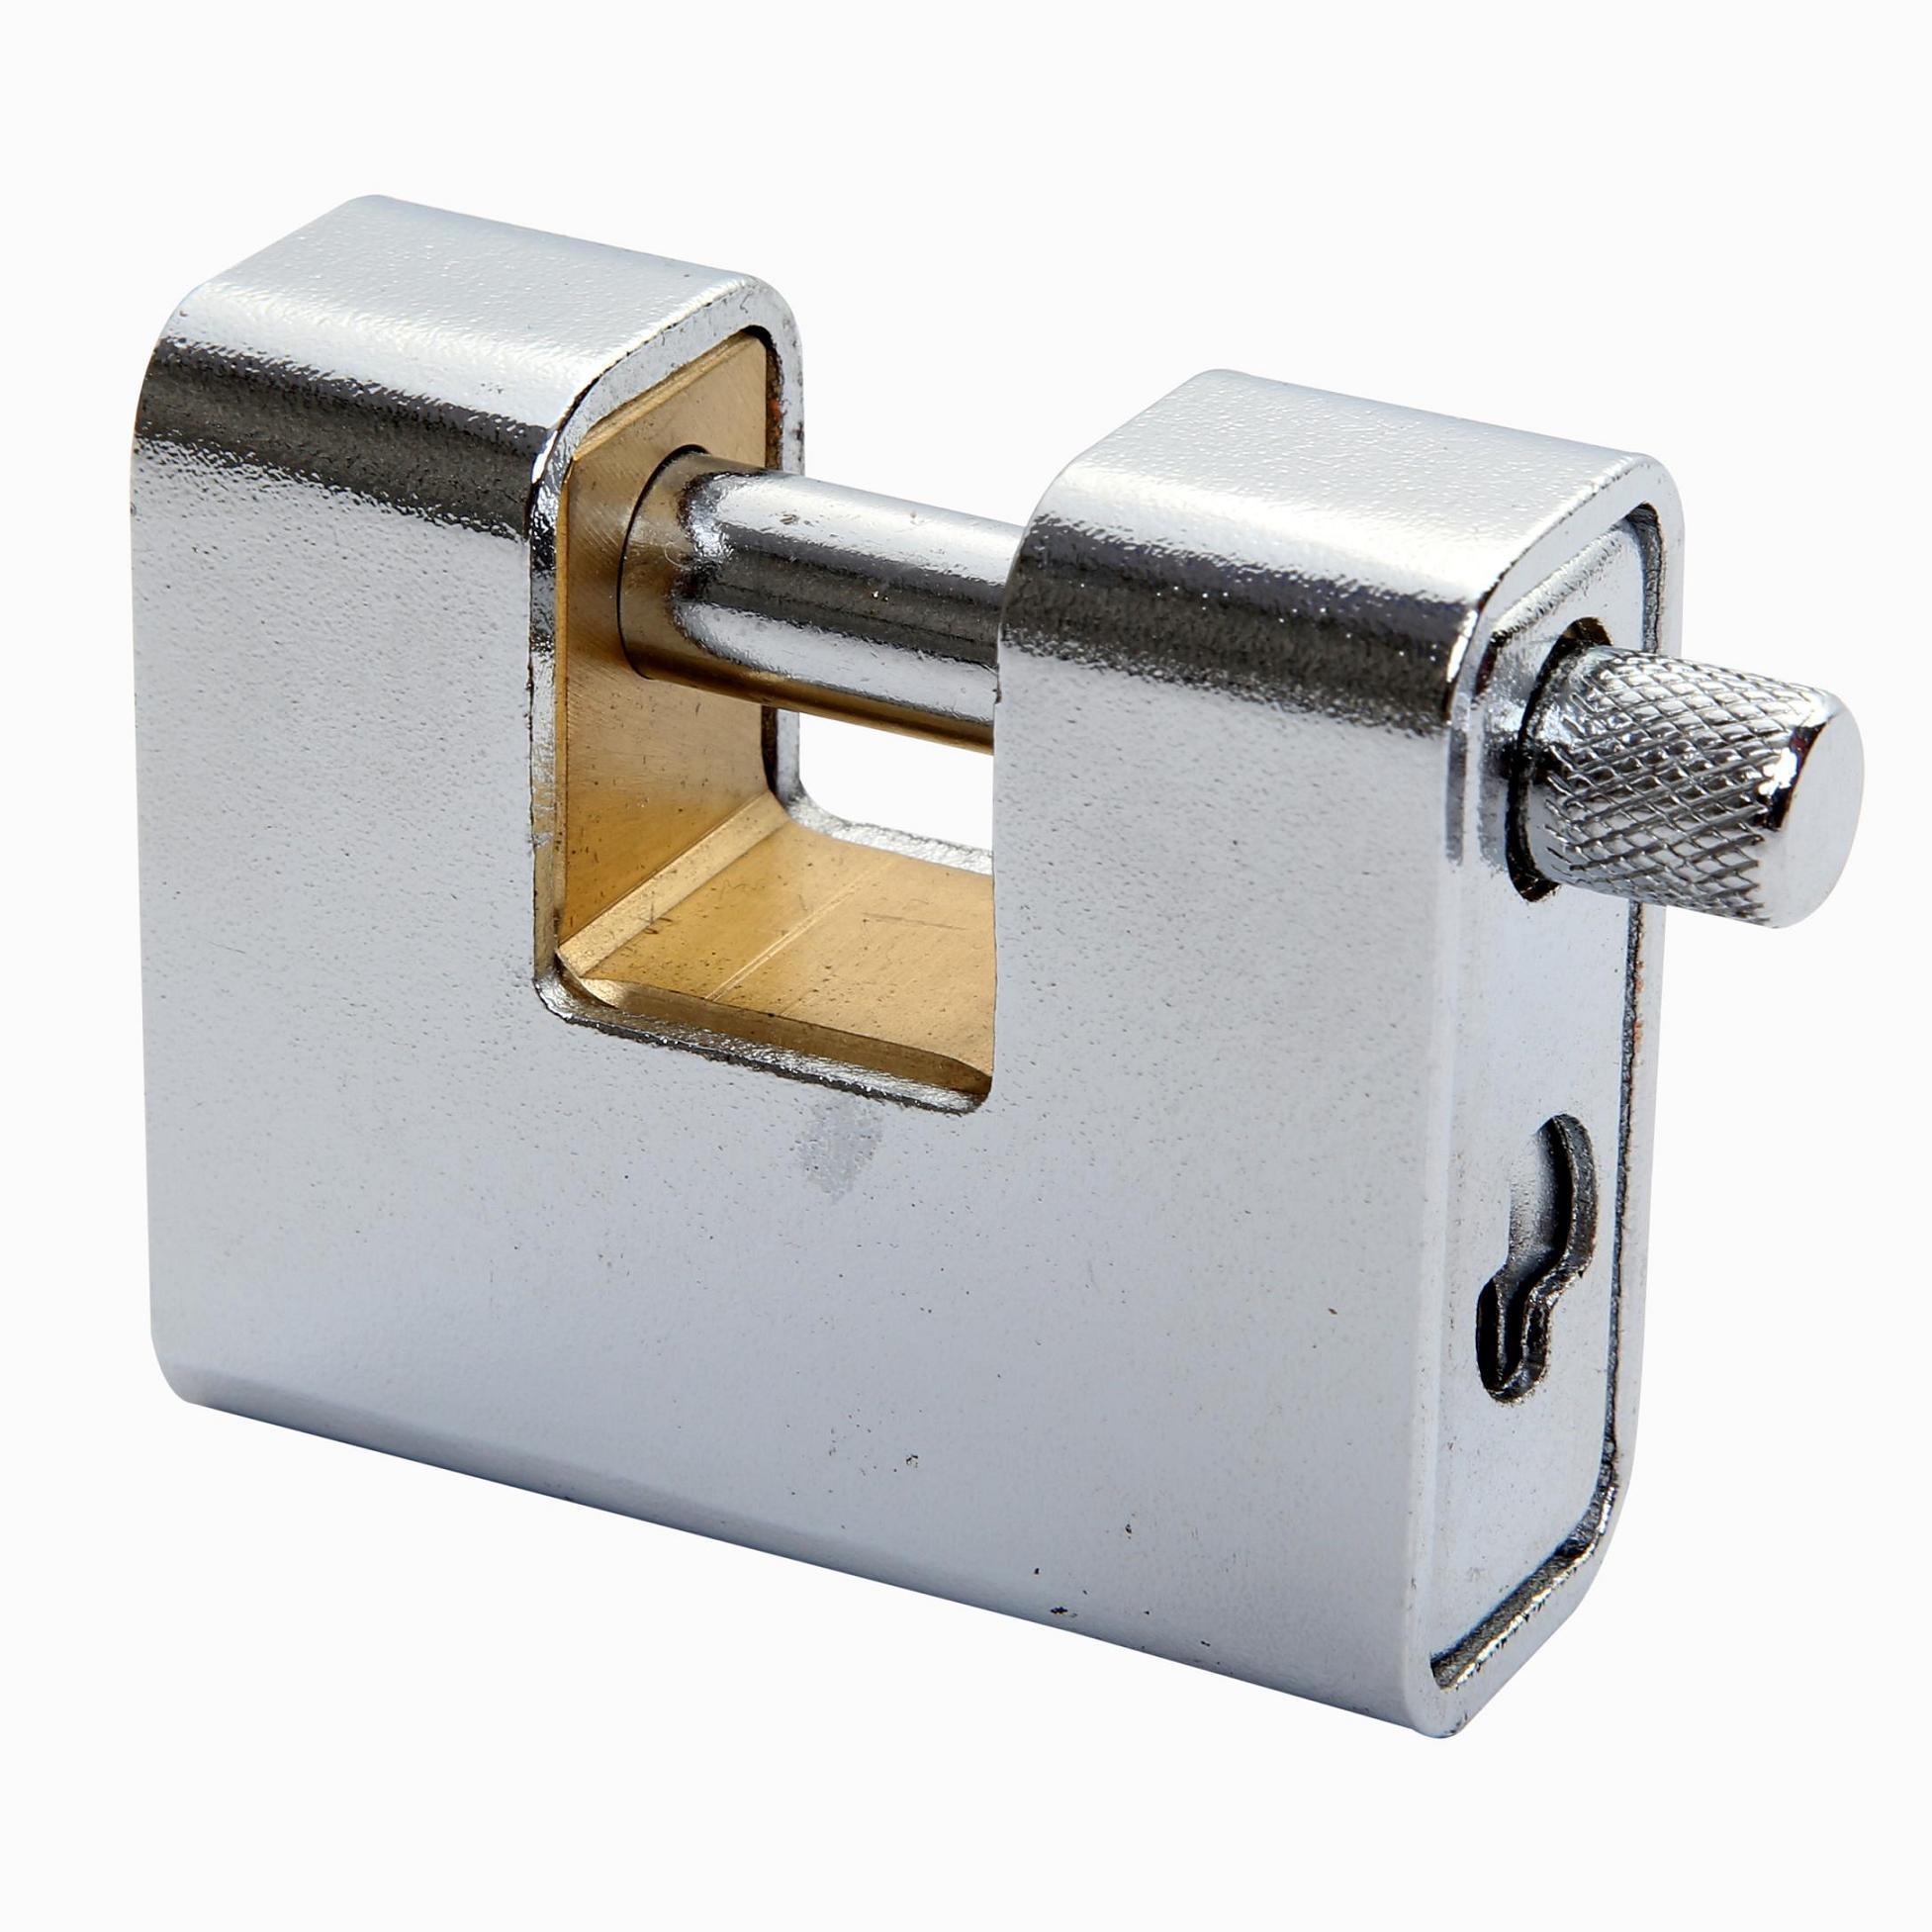 Armored Brass Padlock (2108)